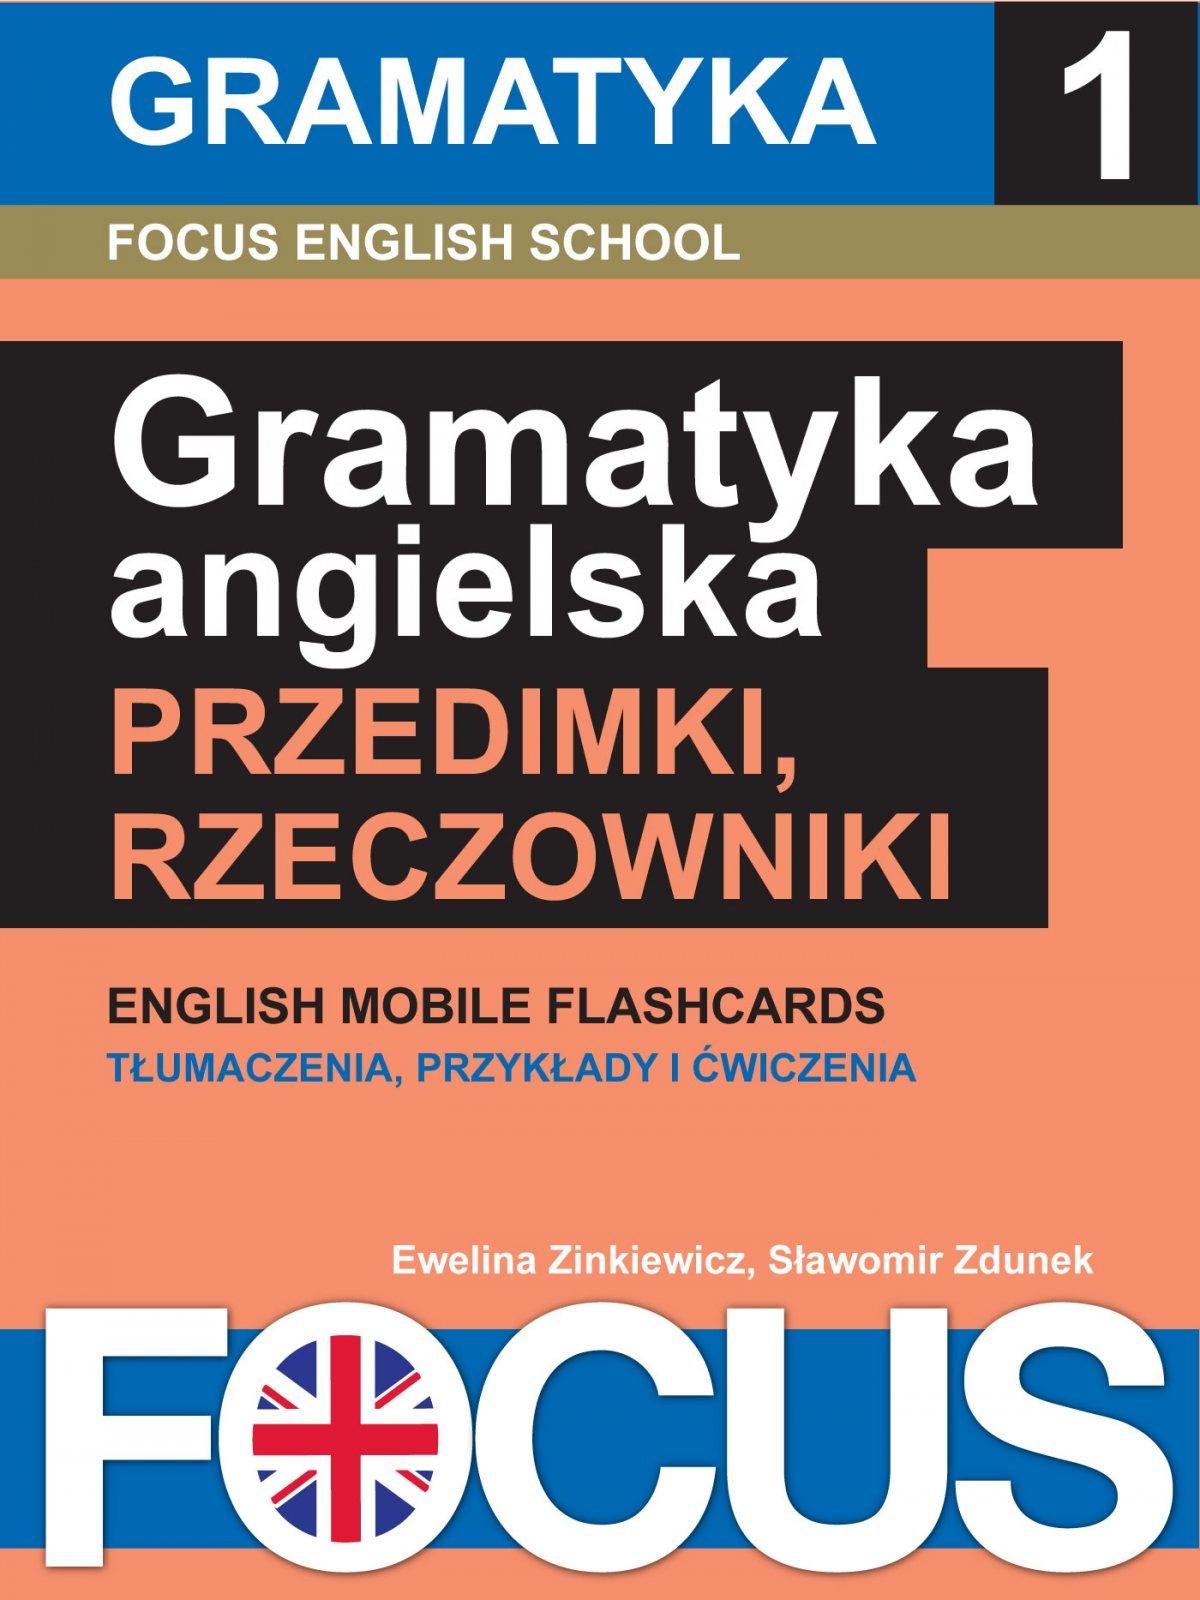 Angielska gramatyka: przedimki i rzeczowniki. Zestaw 1 - Ebook (Książka EPUB) do pobrania w formacie EPUB